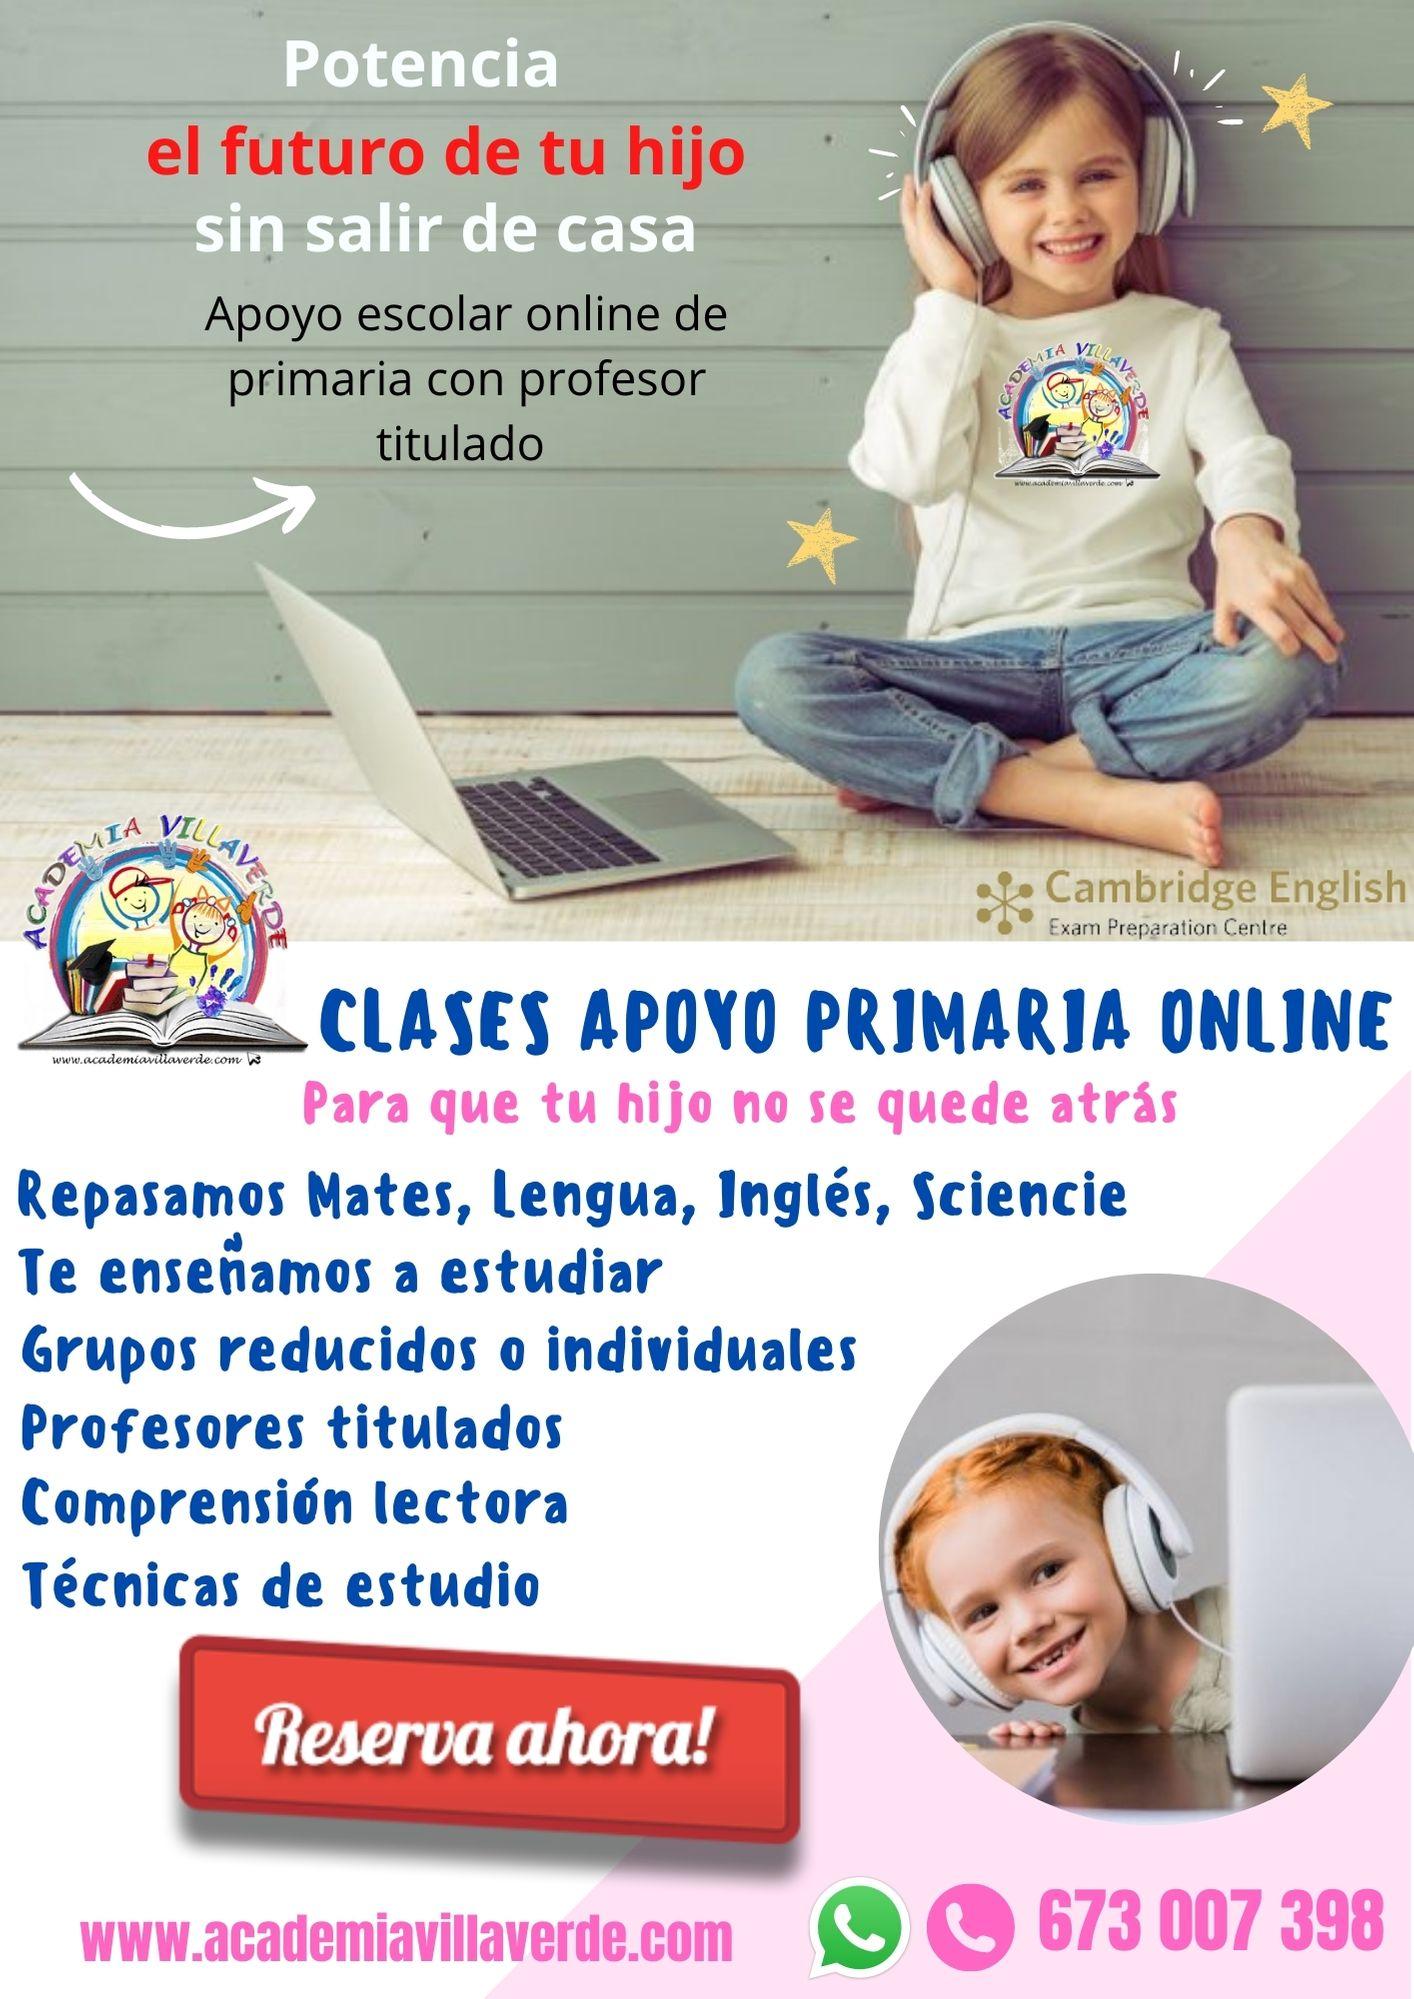 online-academia-villaverde-2020